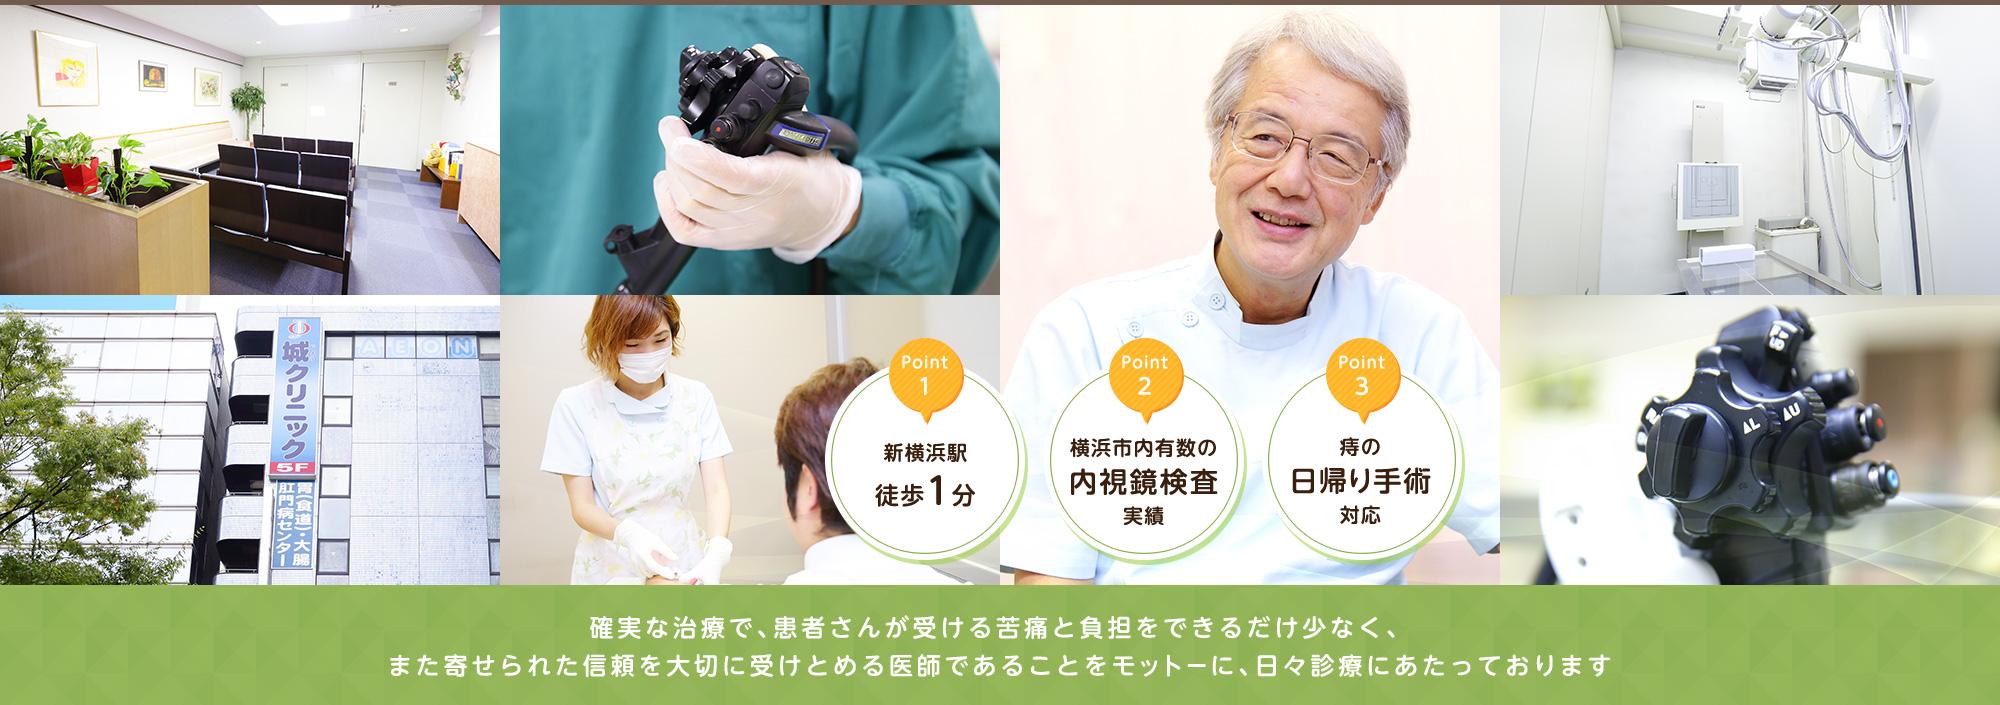 新横浜駅徒歩1分 横浜市内有数の内視鏡検査実績 痔の日帰り手術対応